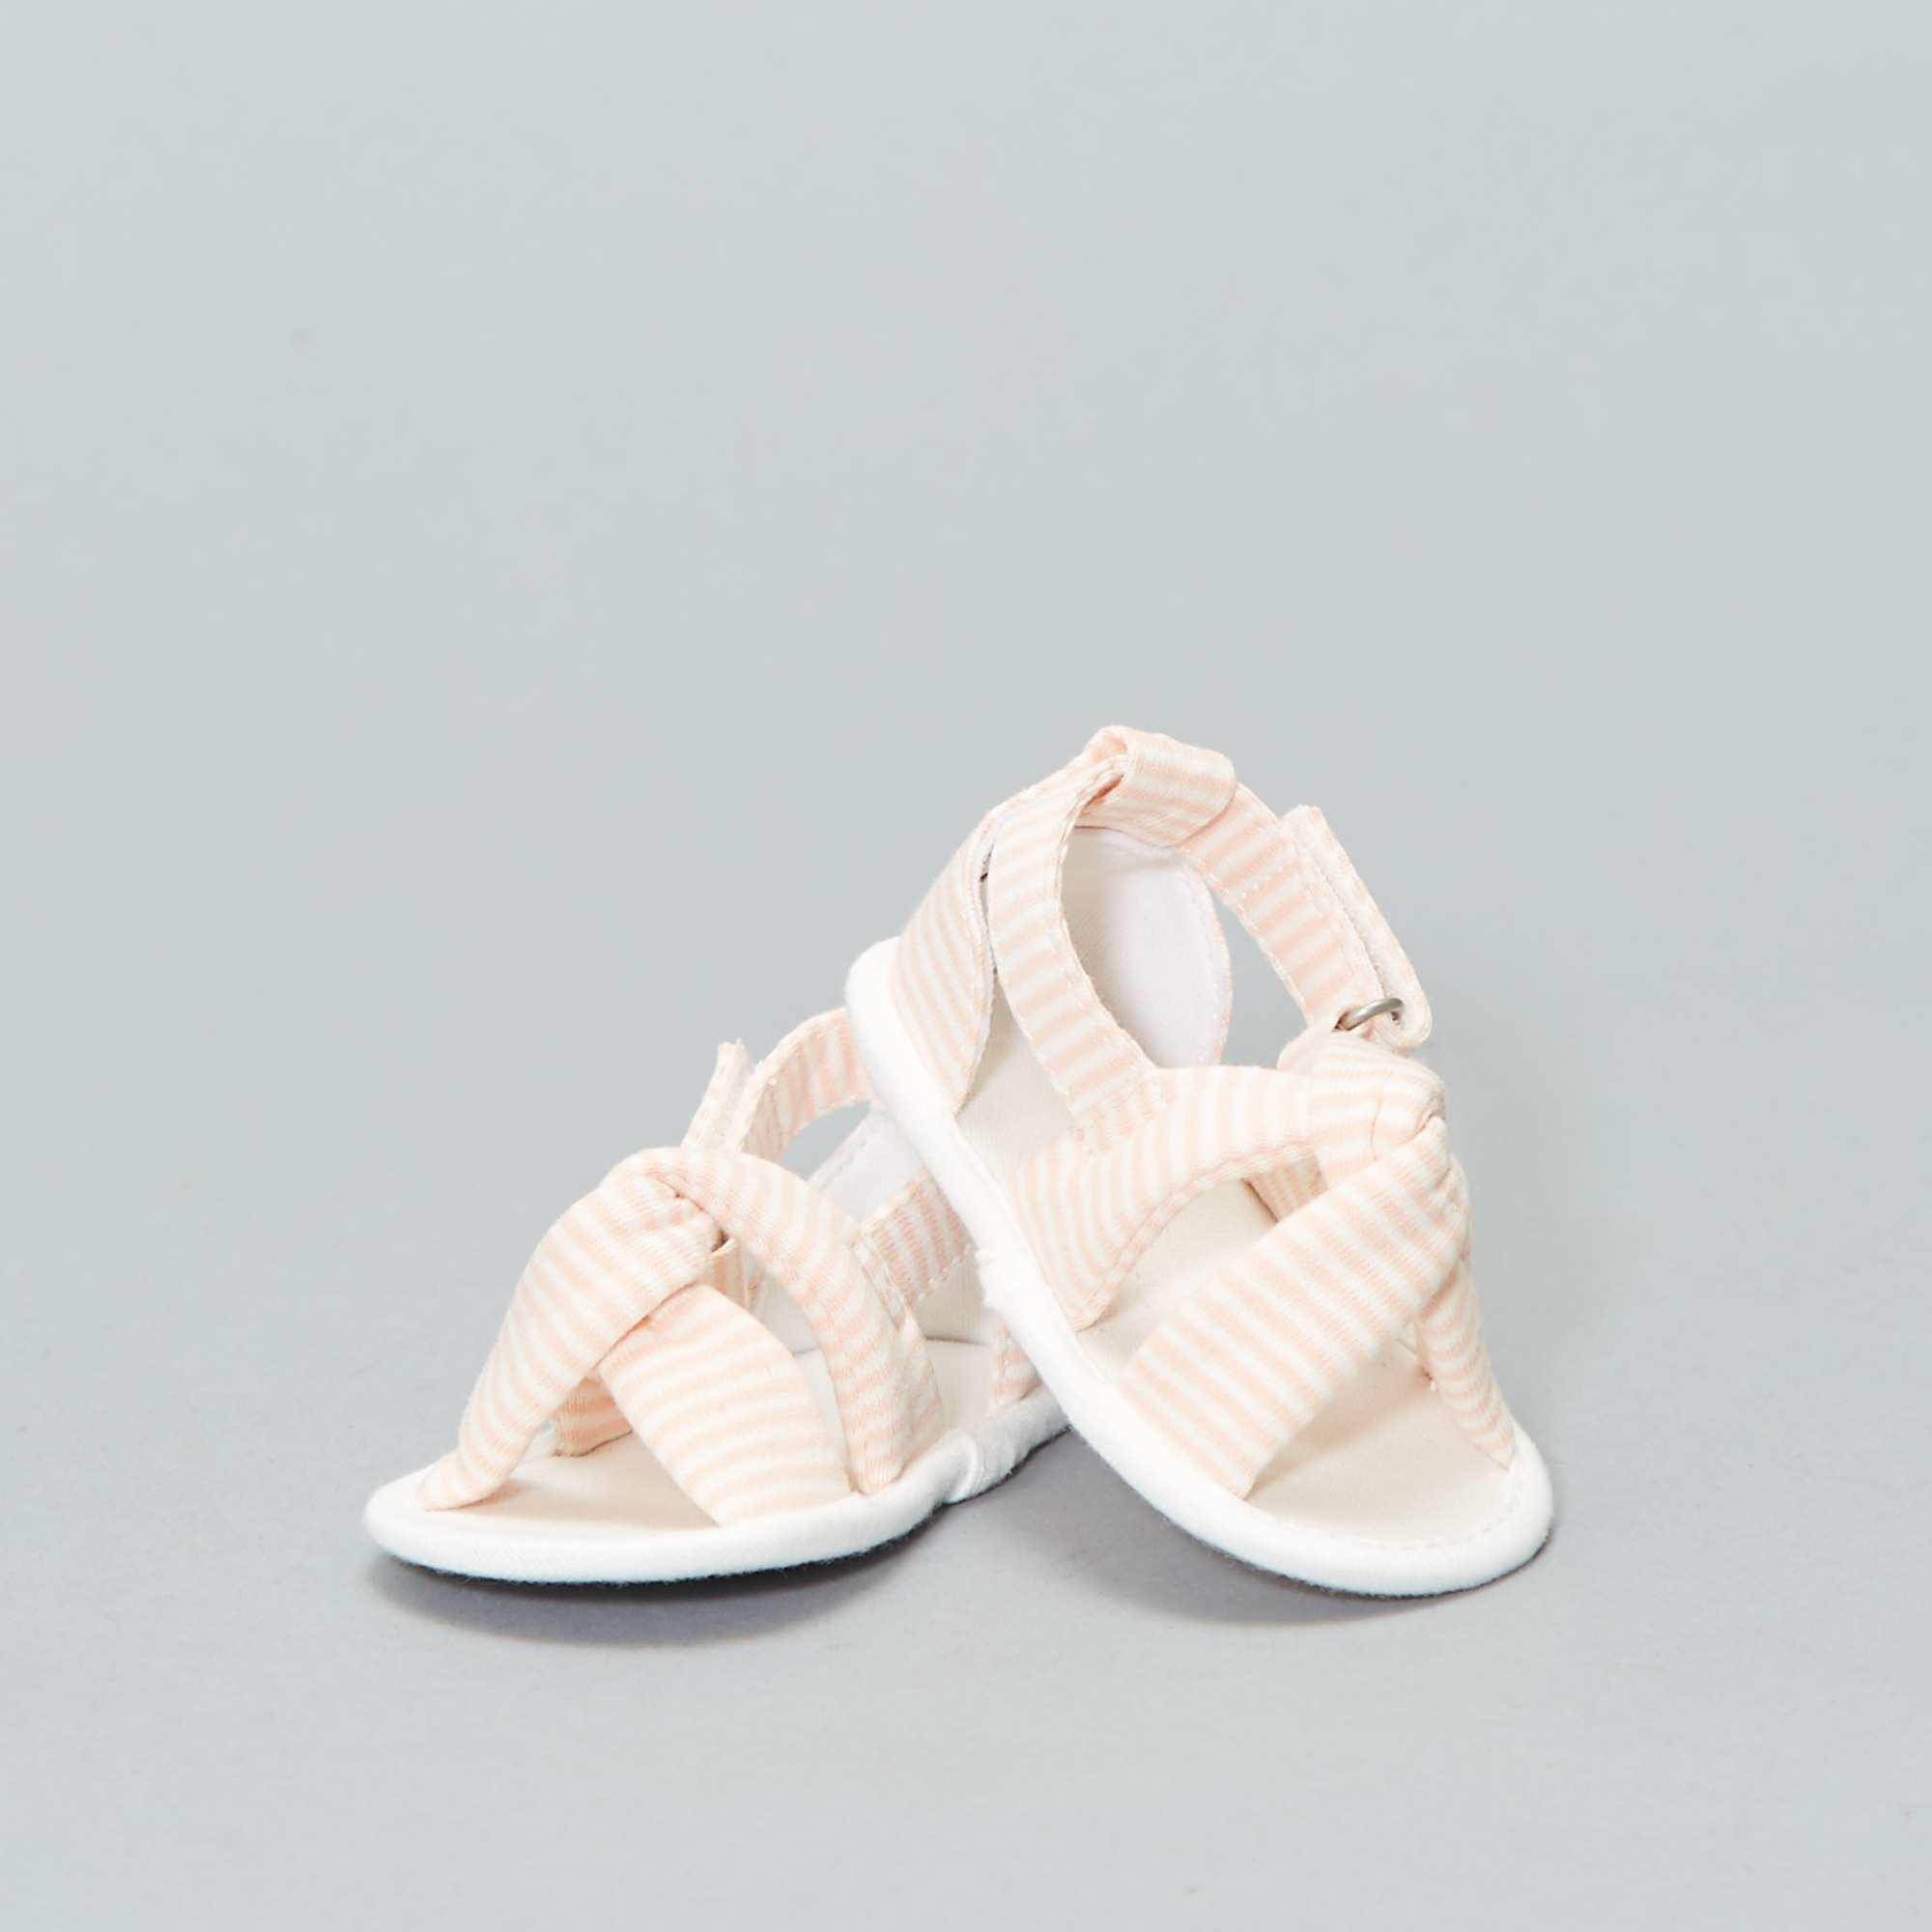 279cfc9f Sandalias de tela Bebé niña - BLANCO - Kiabi - 6,00€